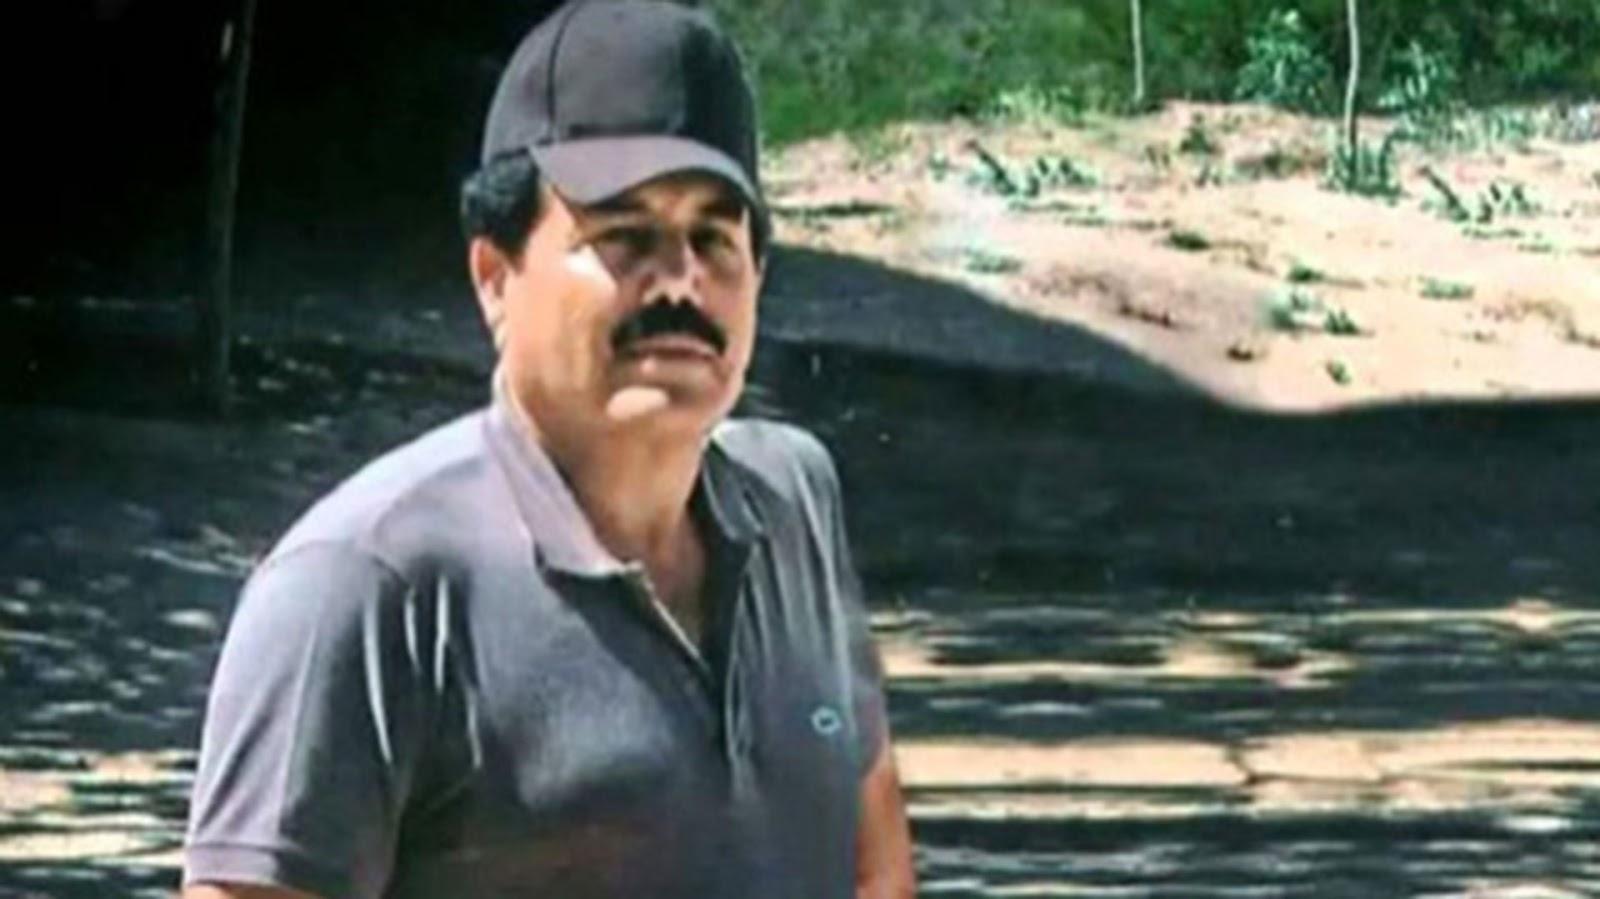 """Ismael """"El Mayo"""" Zambada líder del Cártel de Sinaloa tendría multinacional de transporte con el 70% del mercado mundial"""